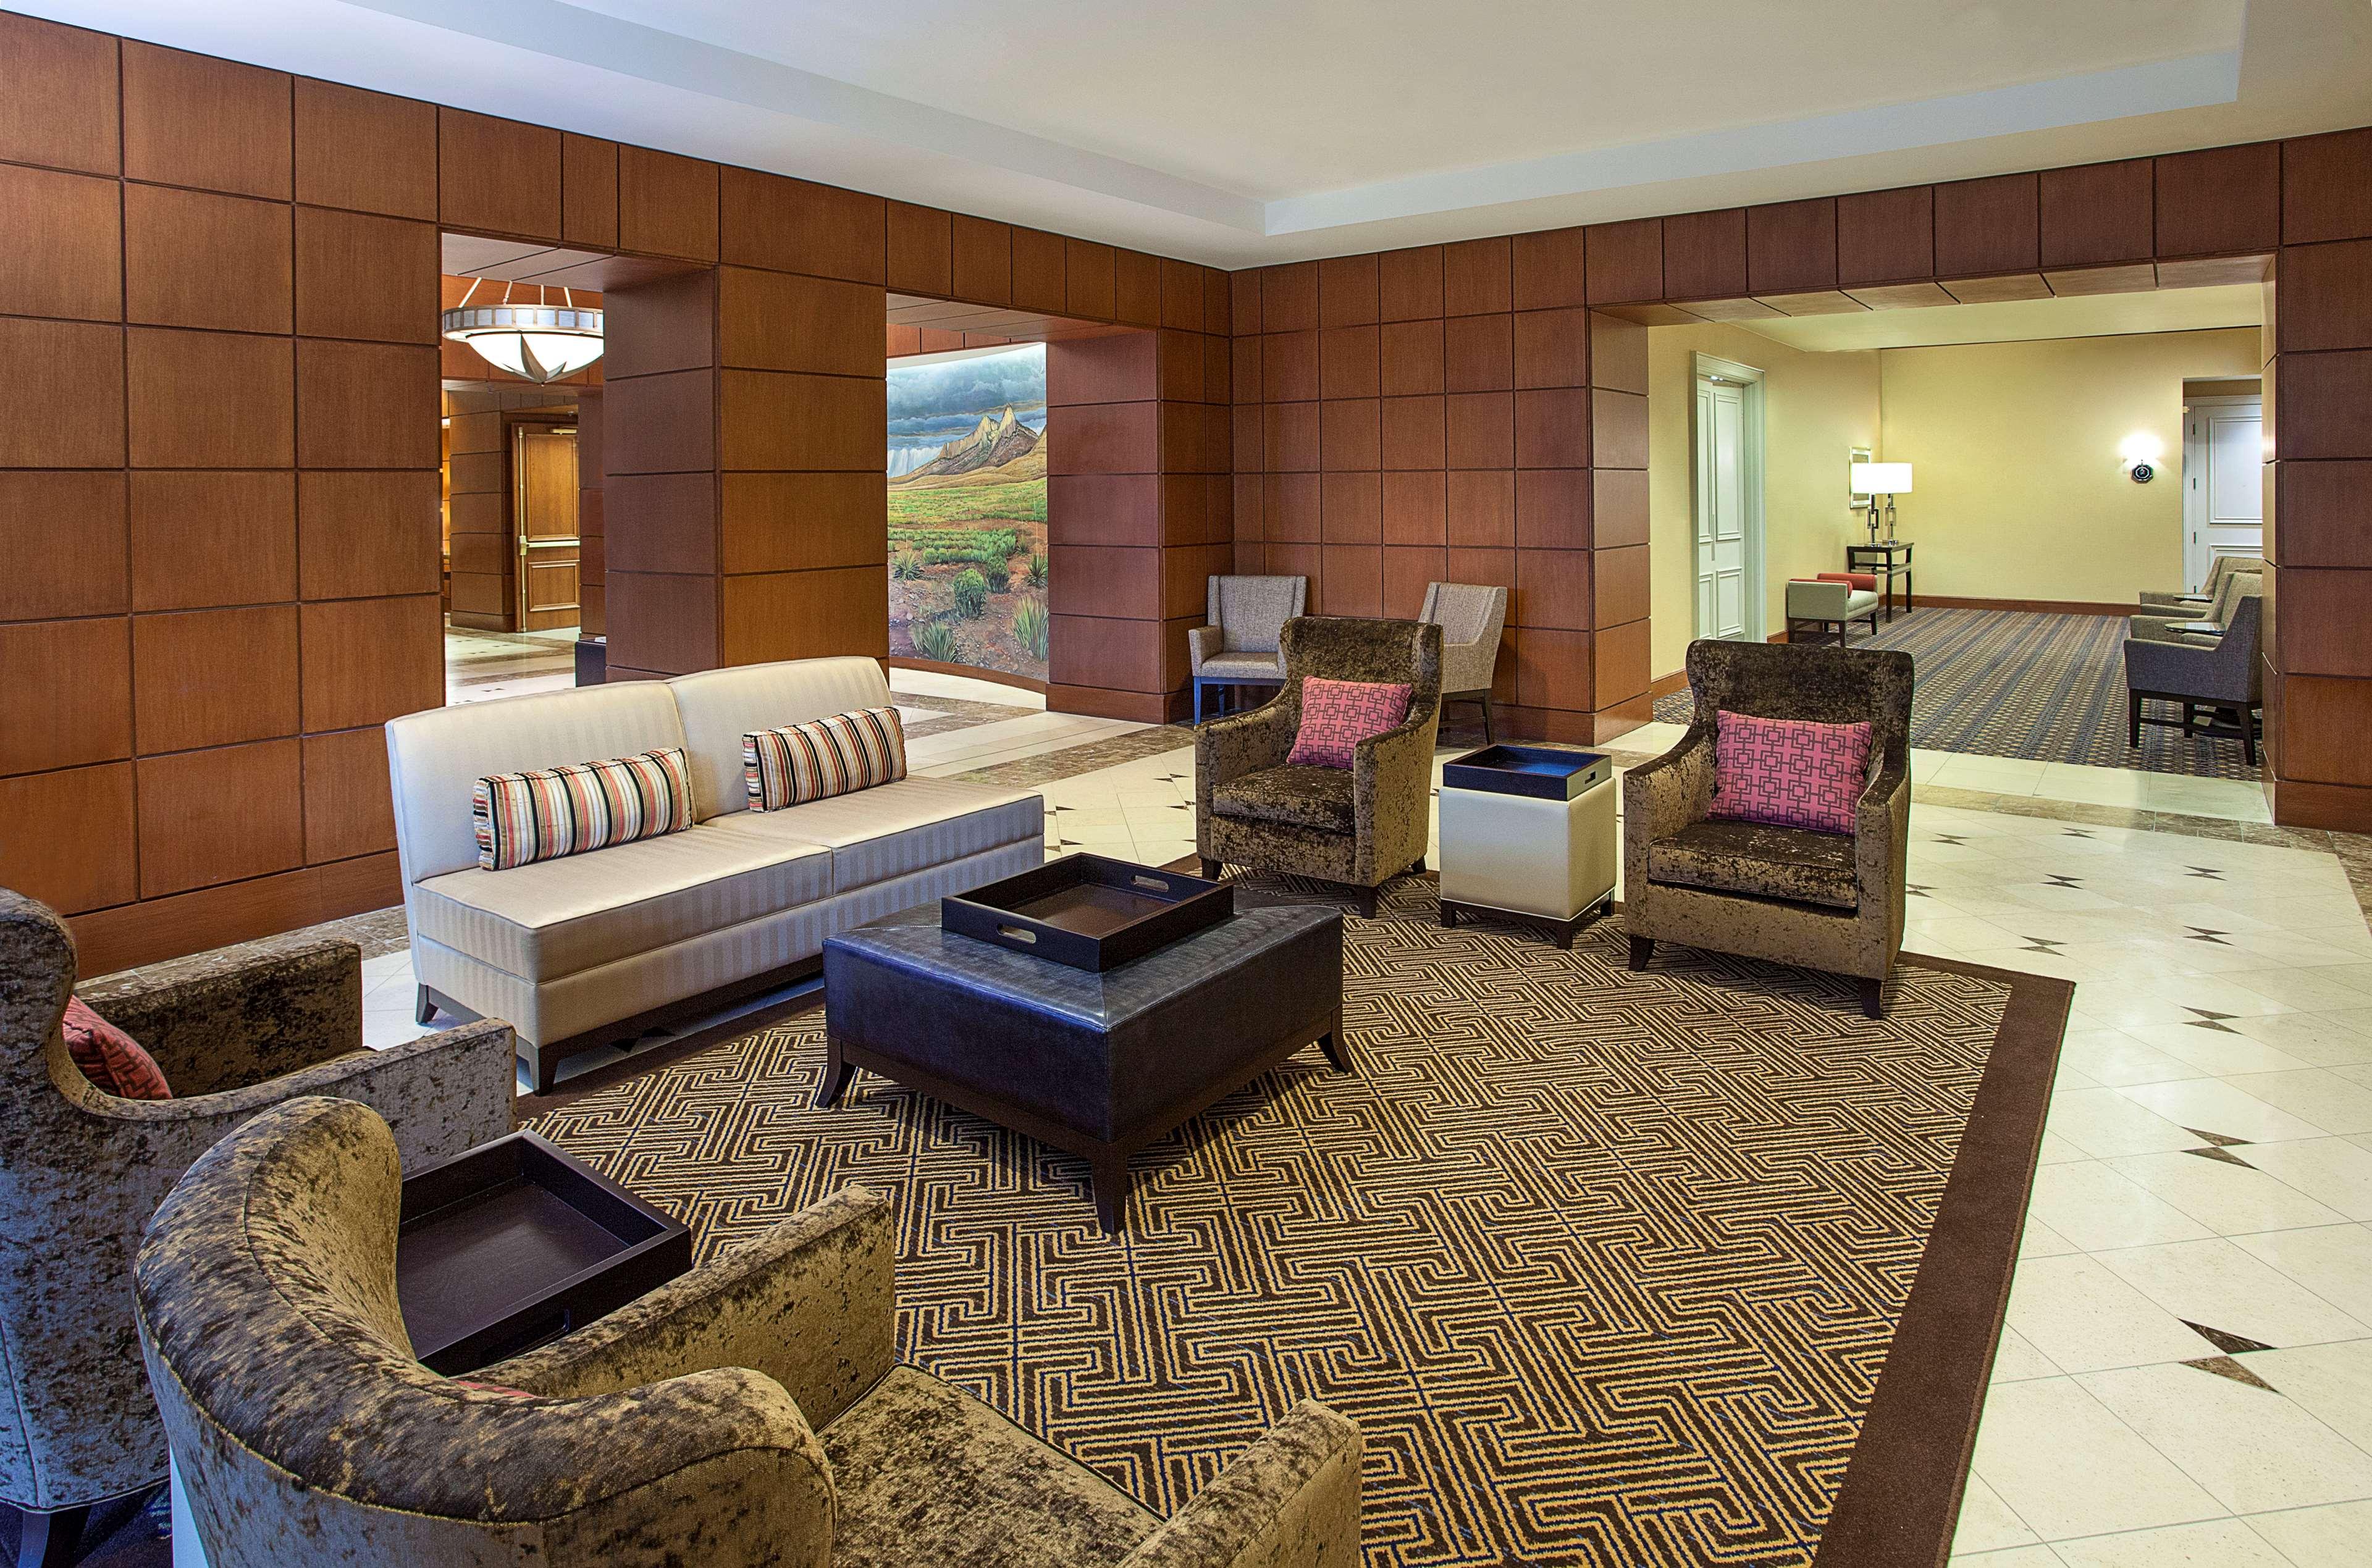 Sheraton Suites Houston Near The Galleria image 7